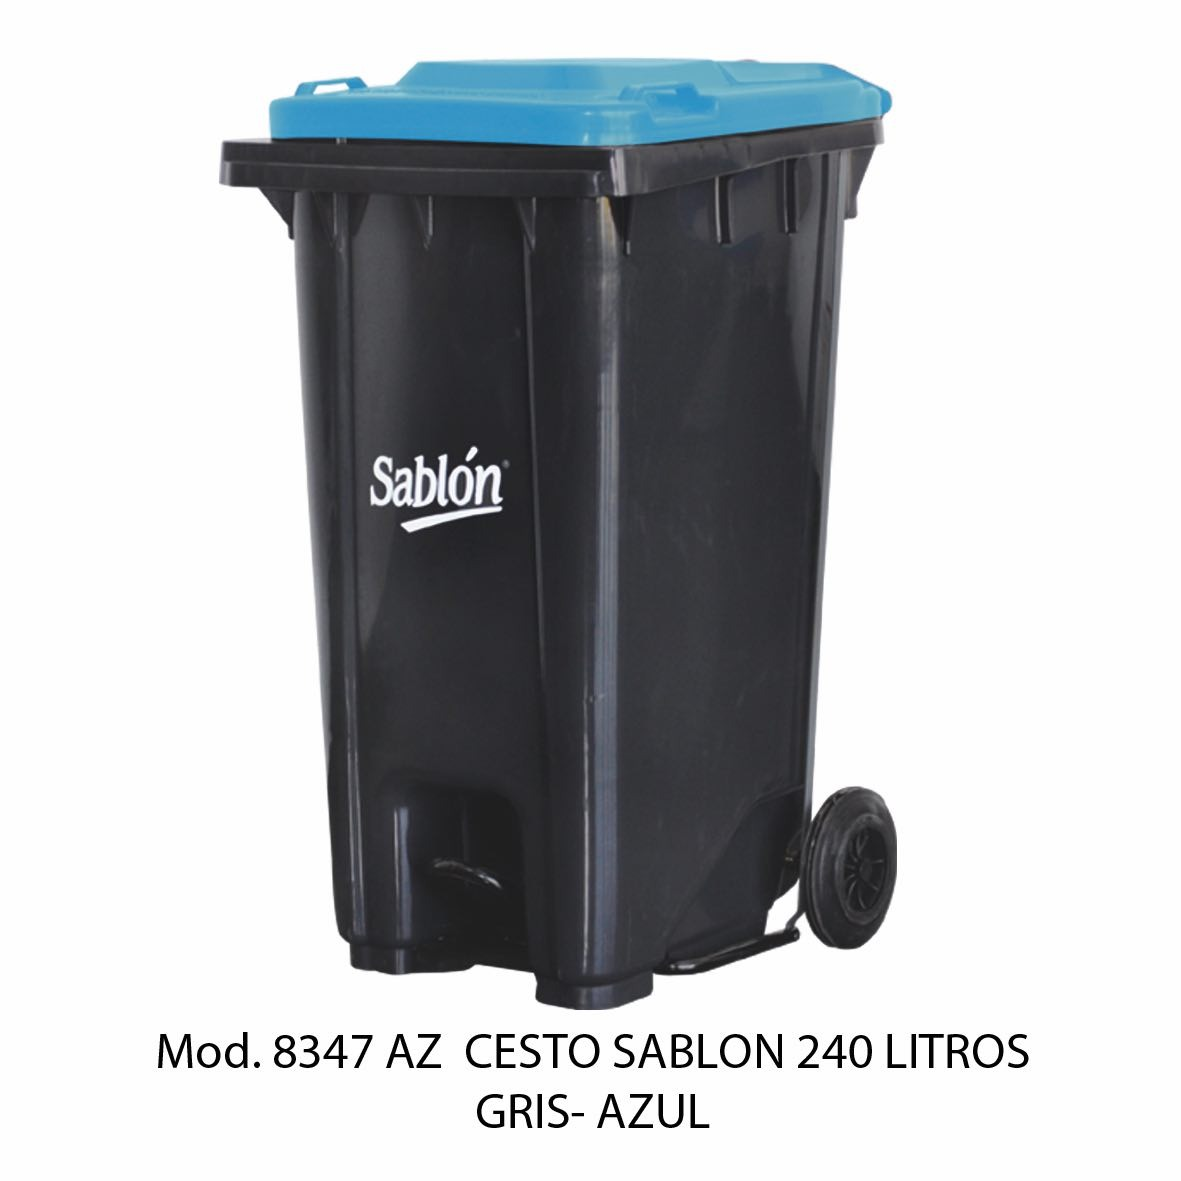 Contenedor de gran capacidad con cuerpo gris y tapa azul - Modelo 8347 AZ - Sablón